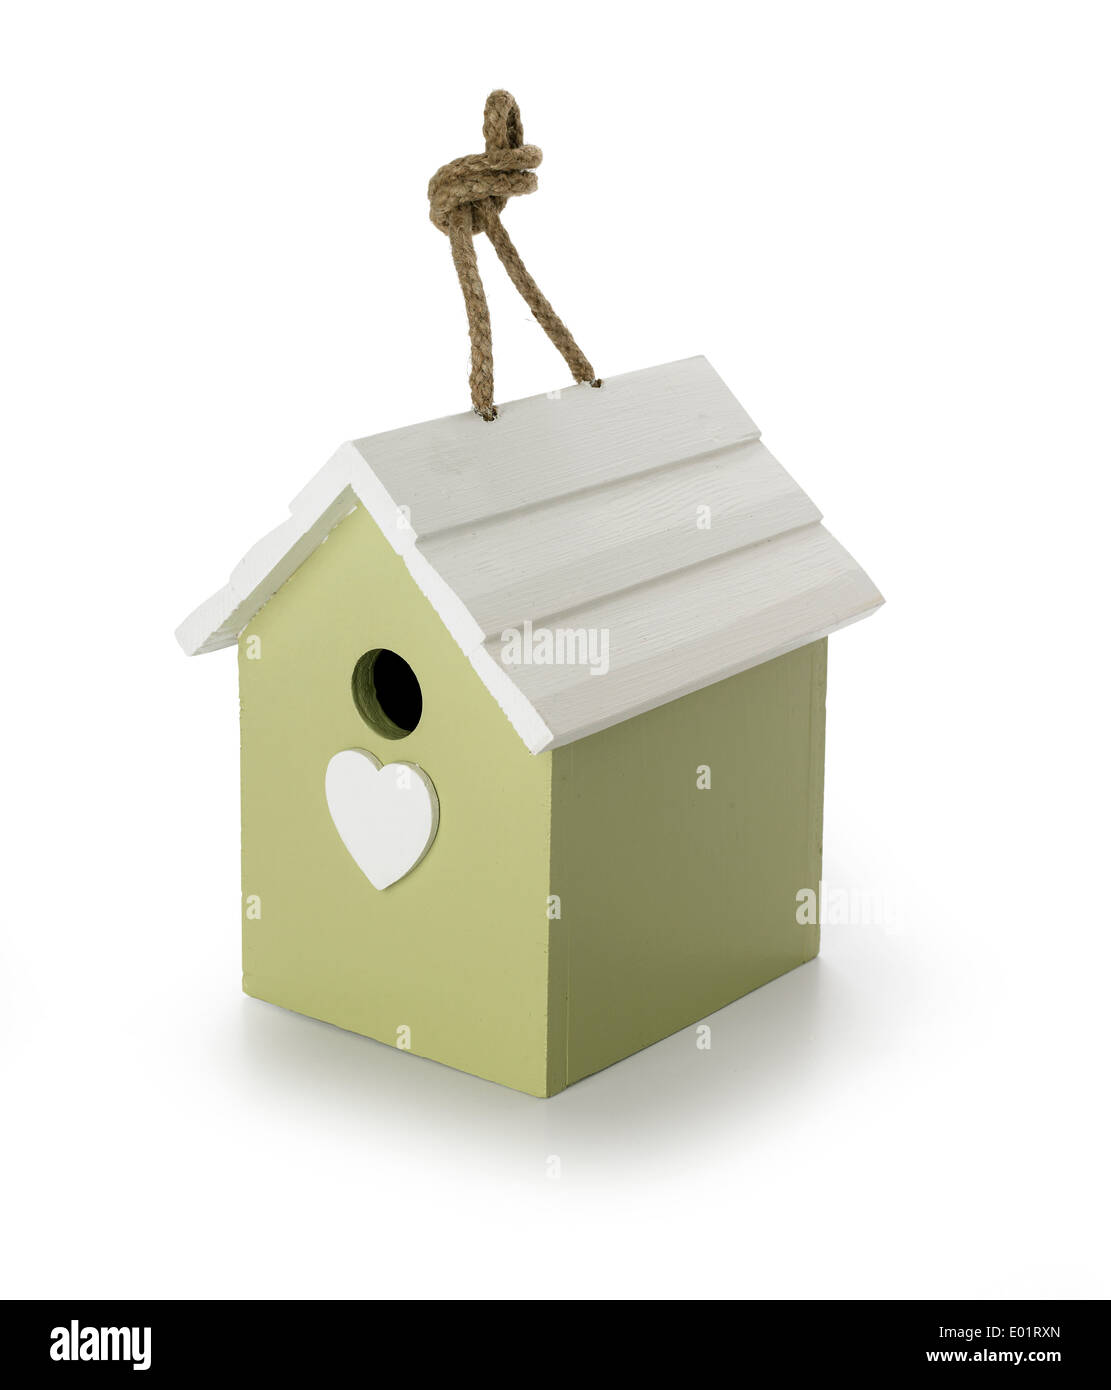 vogelhaus mit seil zum aufhängen stockfoto, bild: 68882205 - alamy